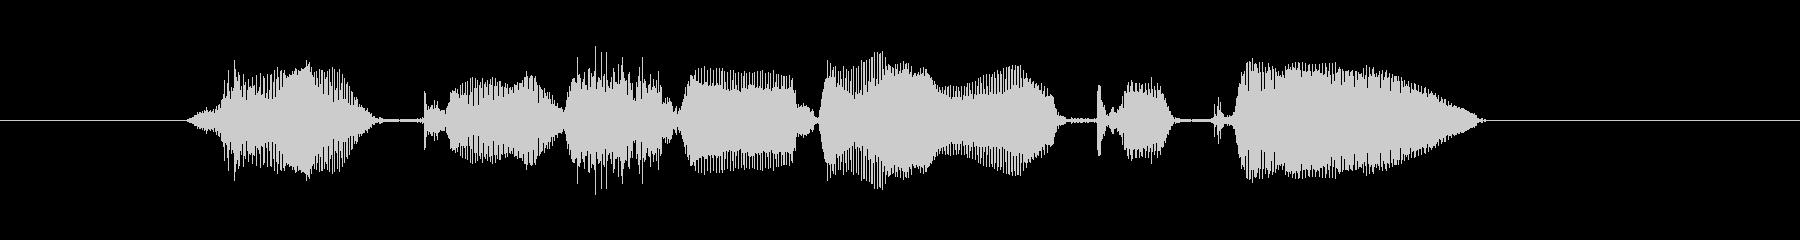 状況終了を確認の未再生の波形